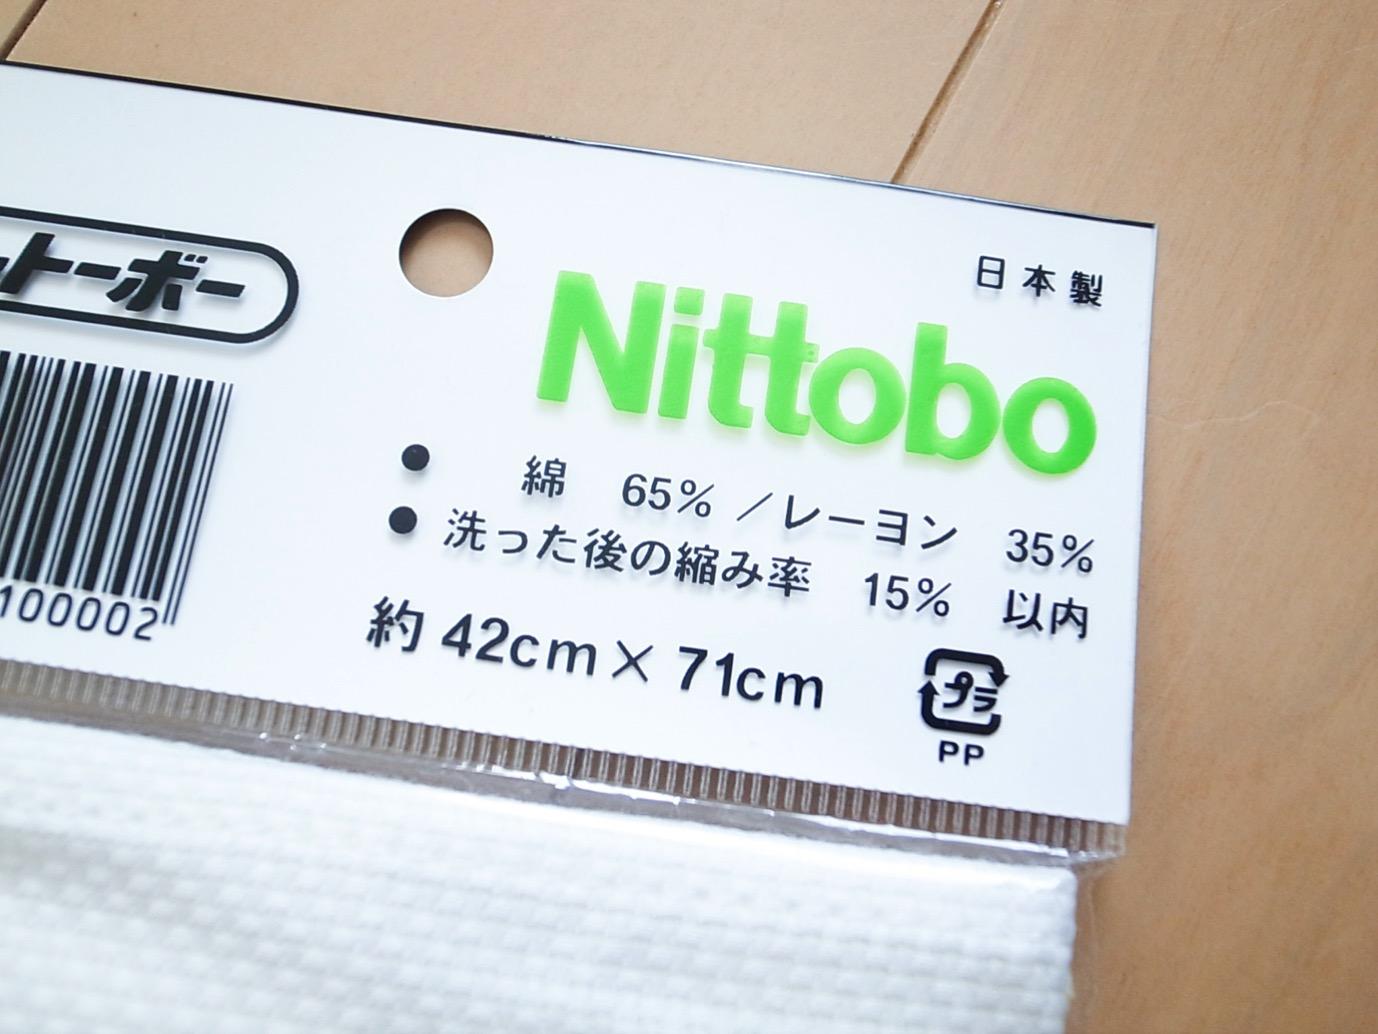 Nittobo fukin 2